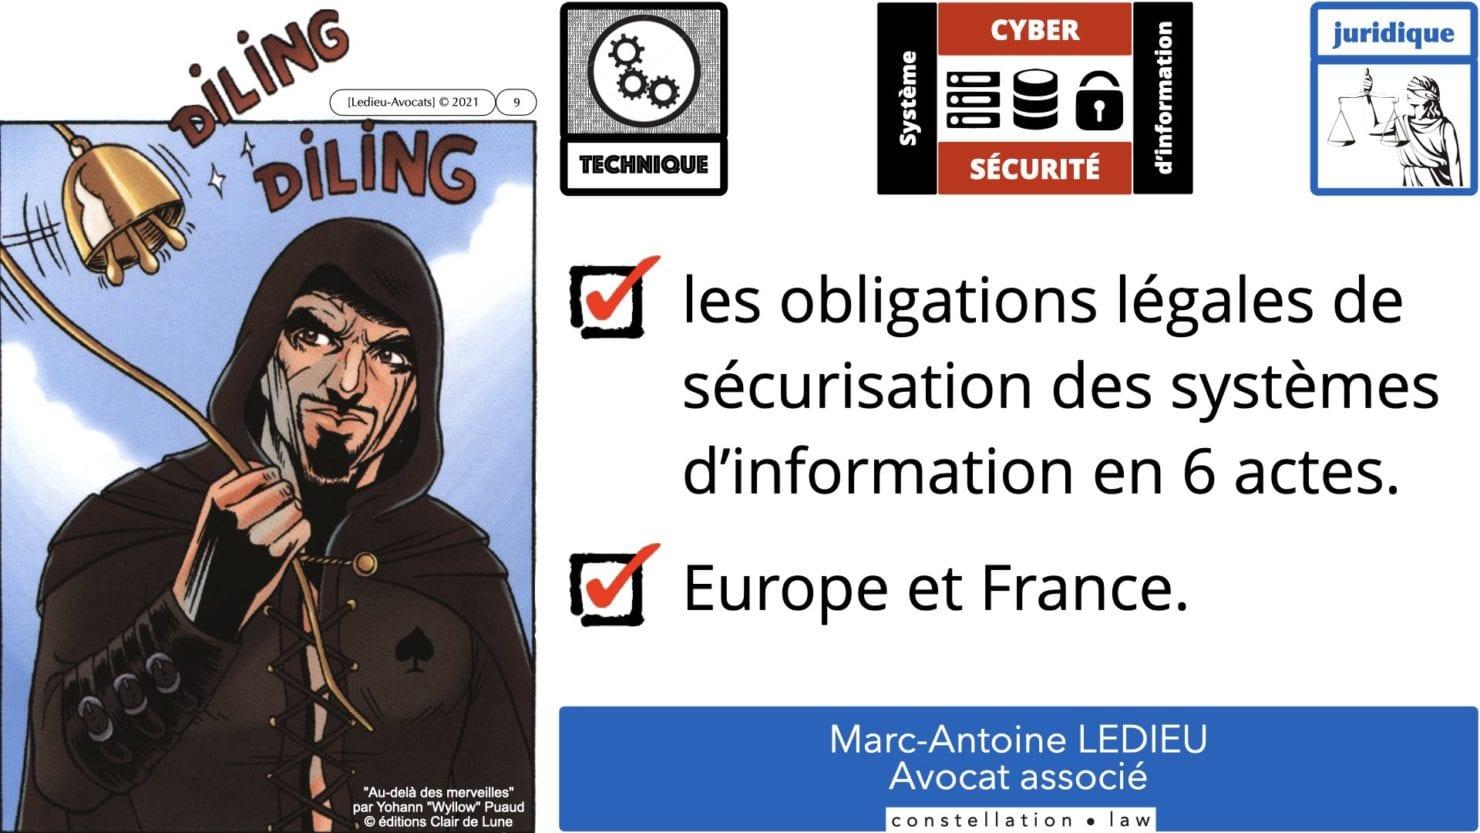 342 cyber sécurité #2 OIV OSE analyse risque EBIOS RM © Ledieu-avocat 15-07-2021.009